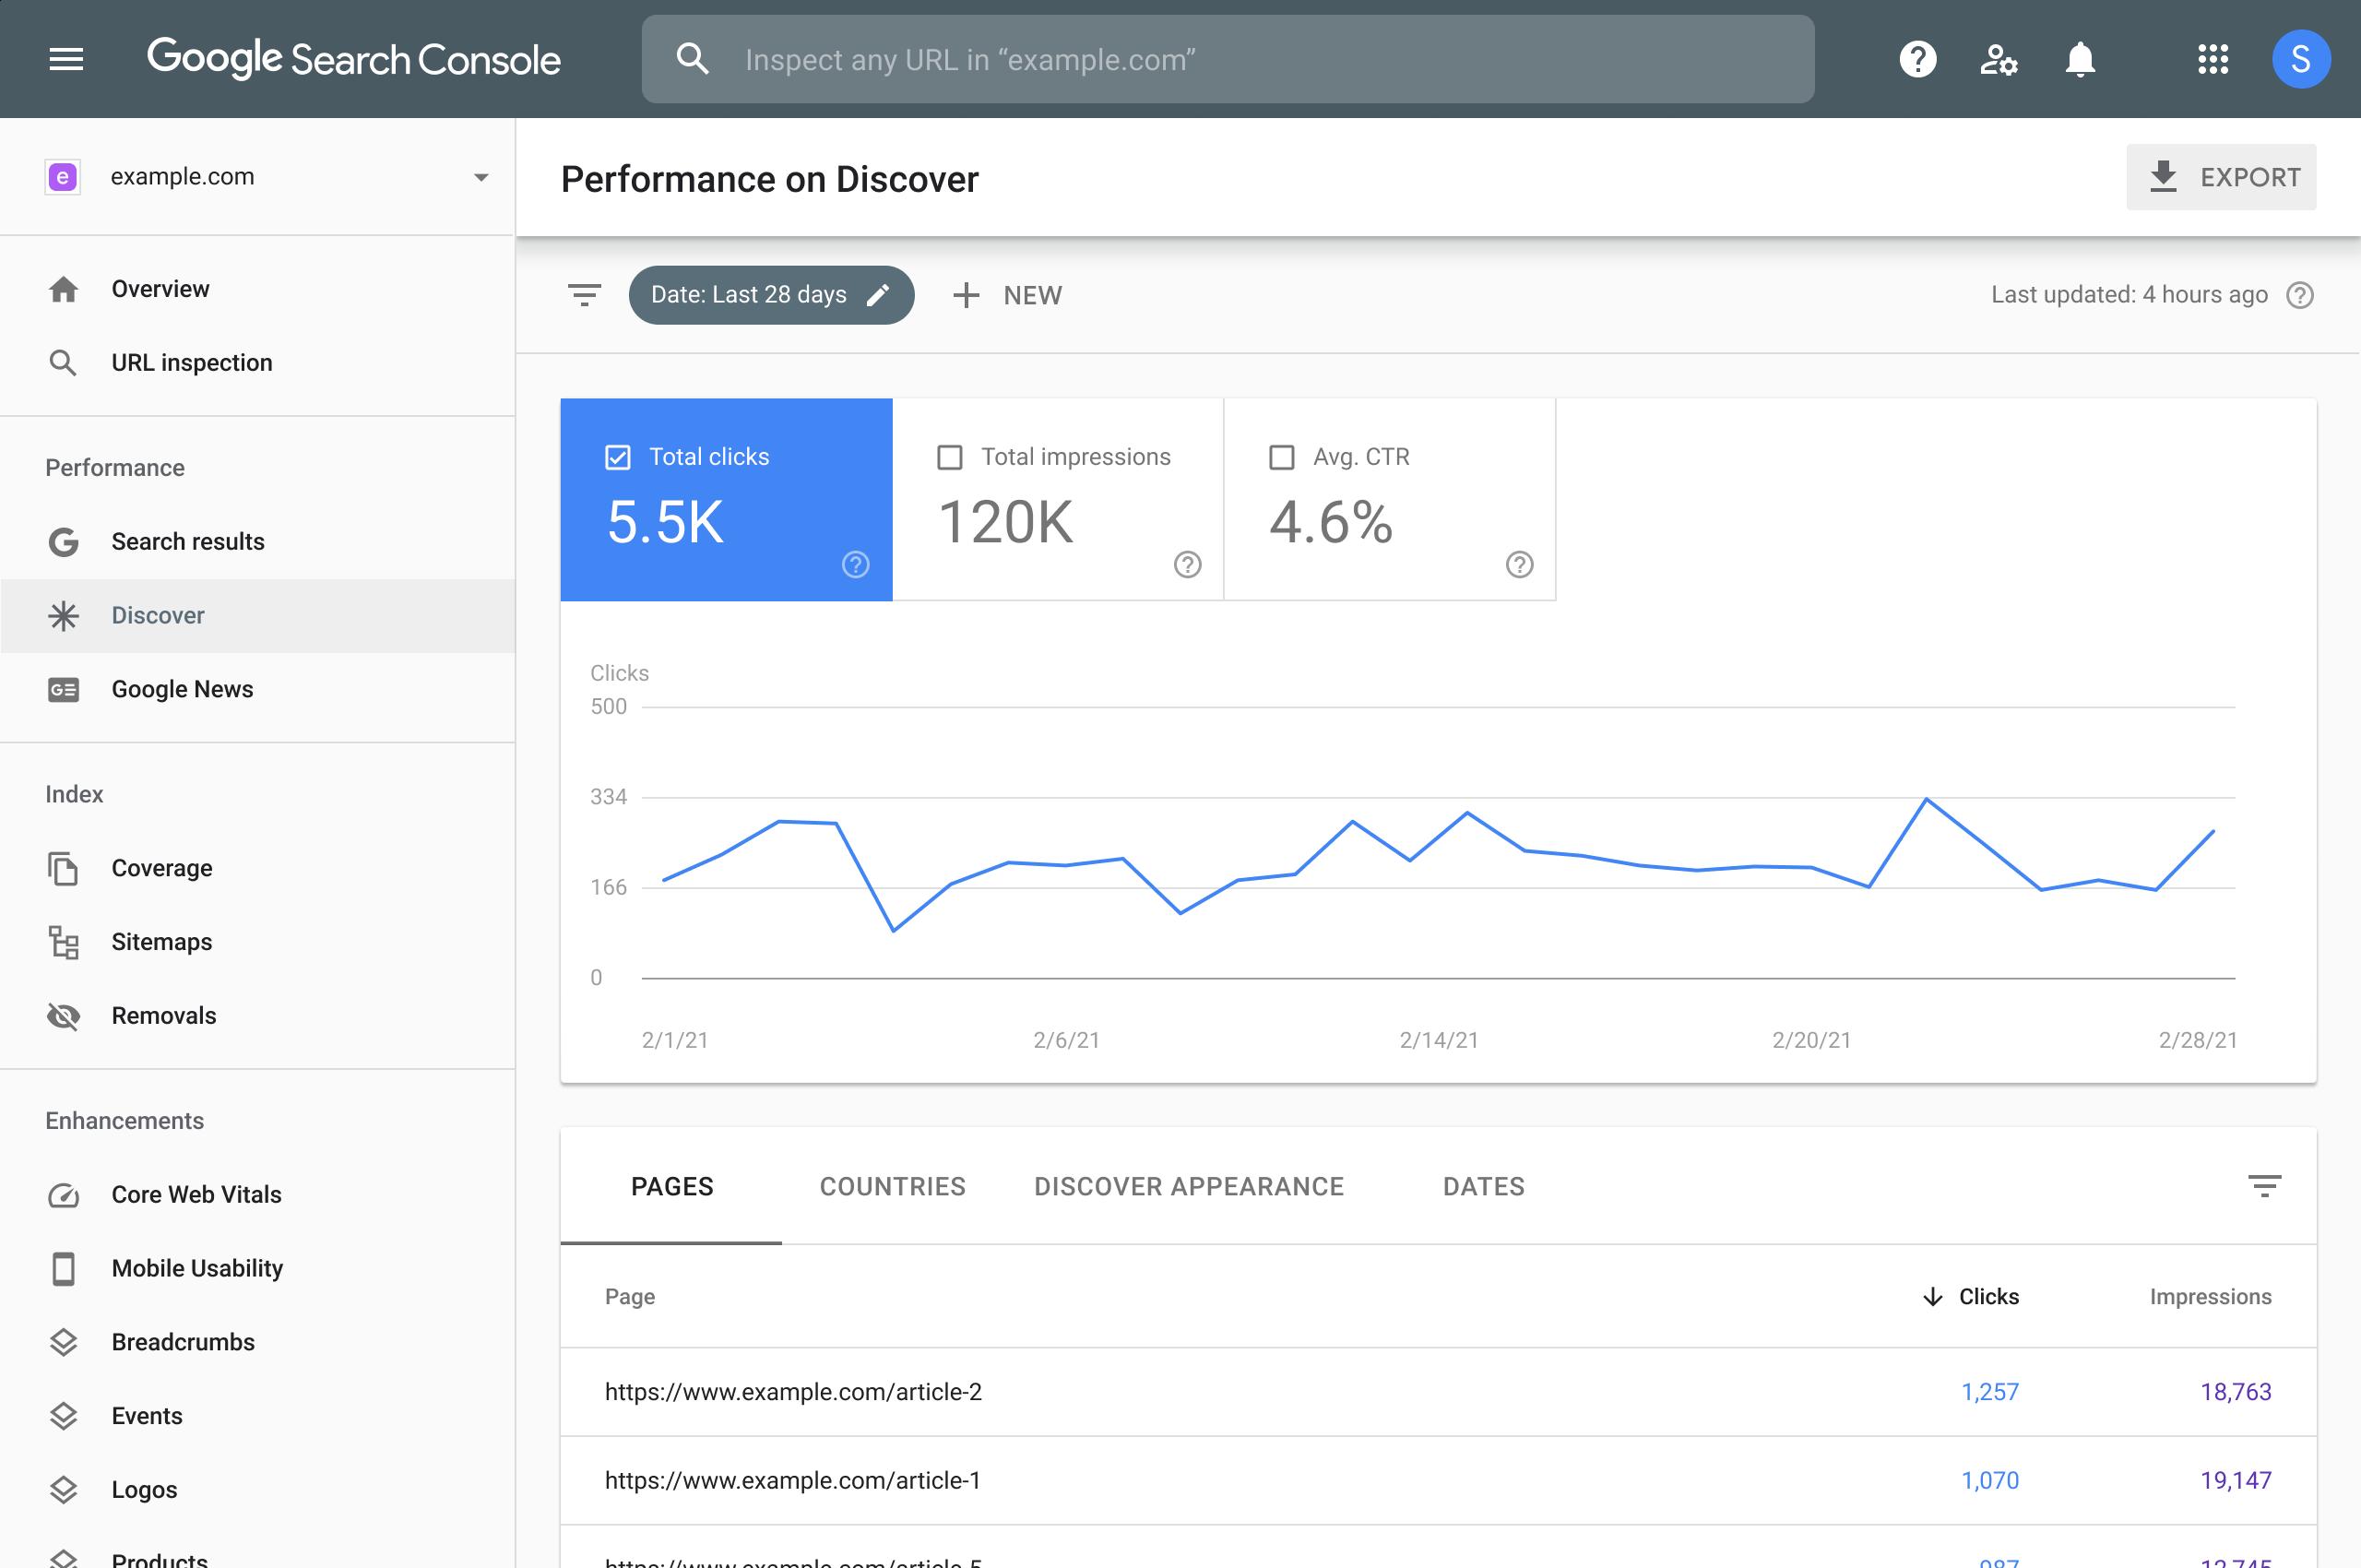 Rapport sur les performances Discover dans la Google SearchConsole